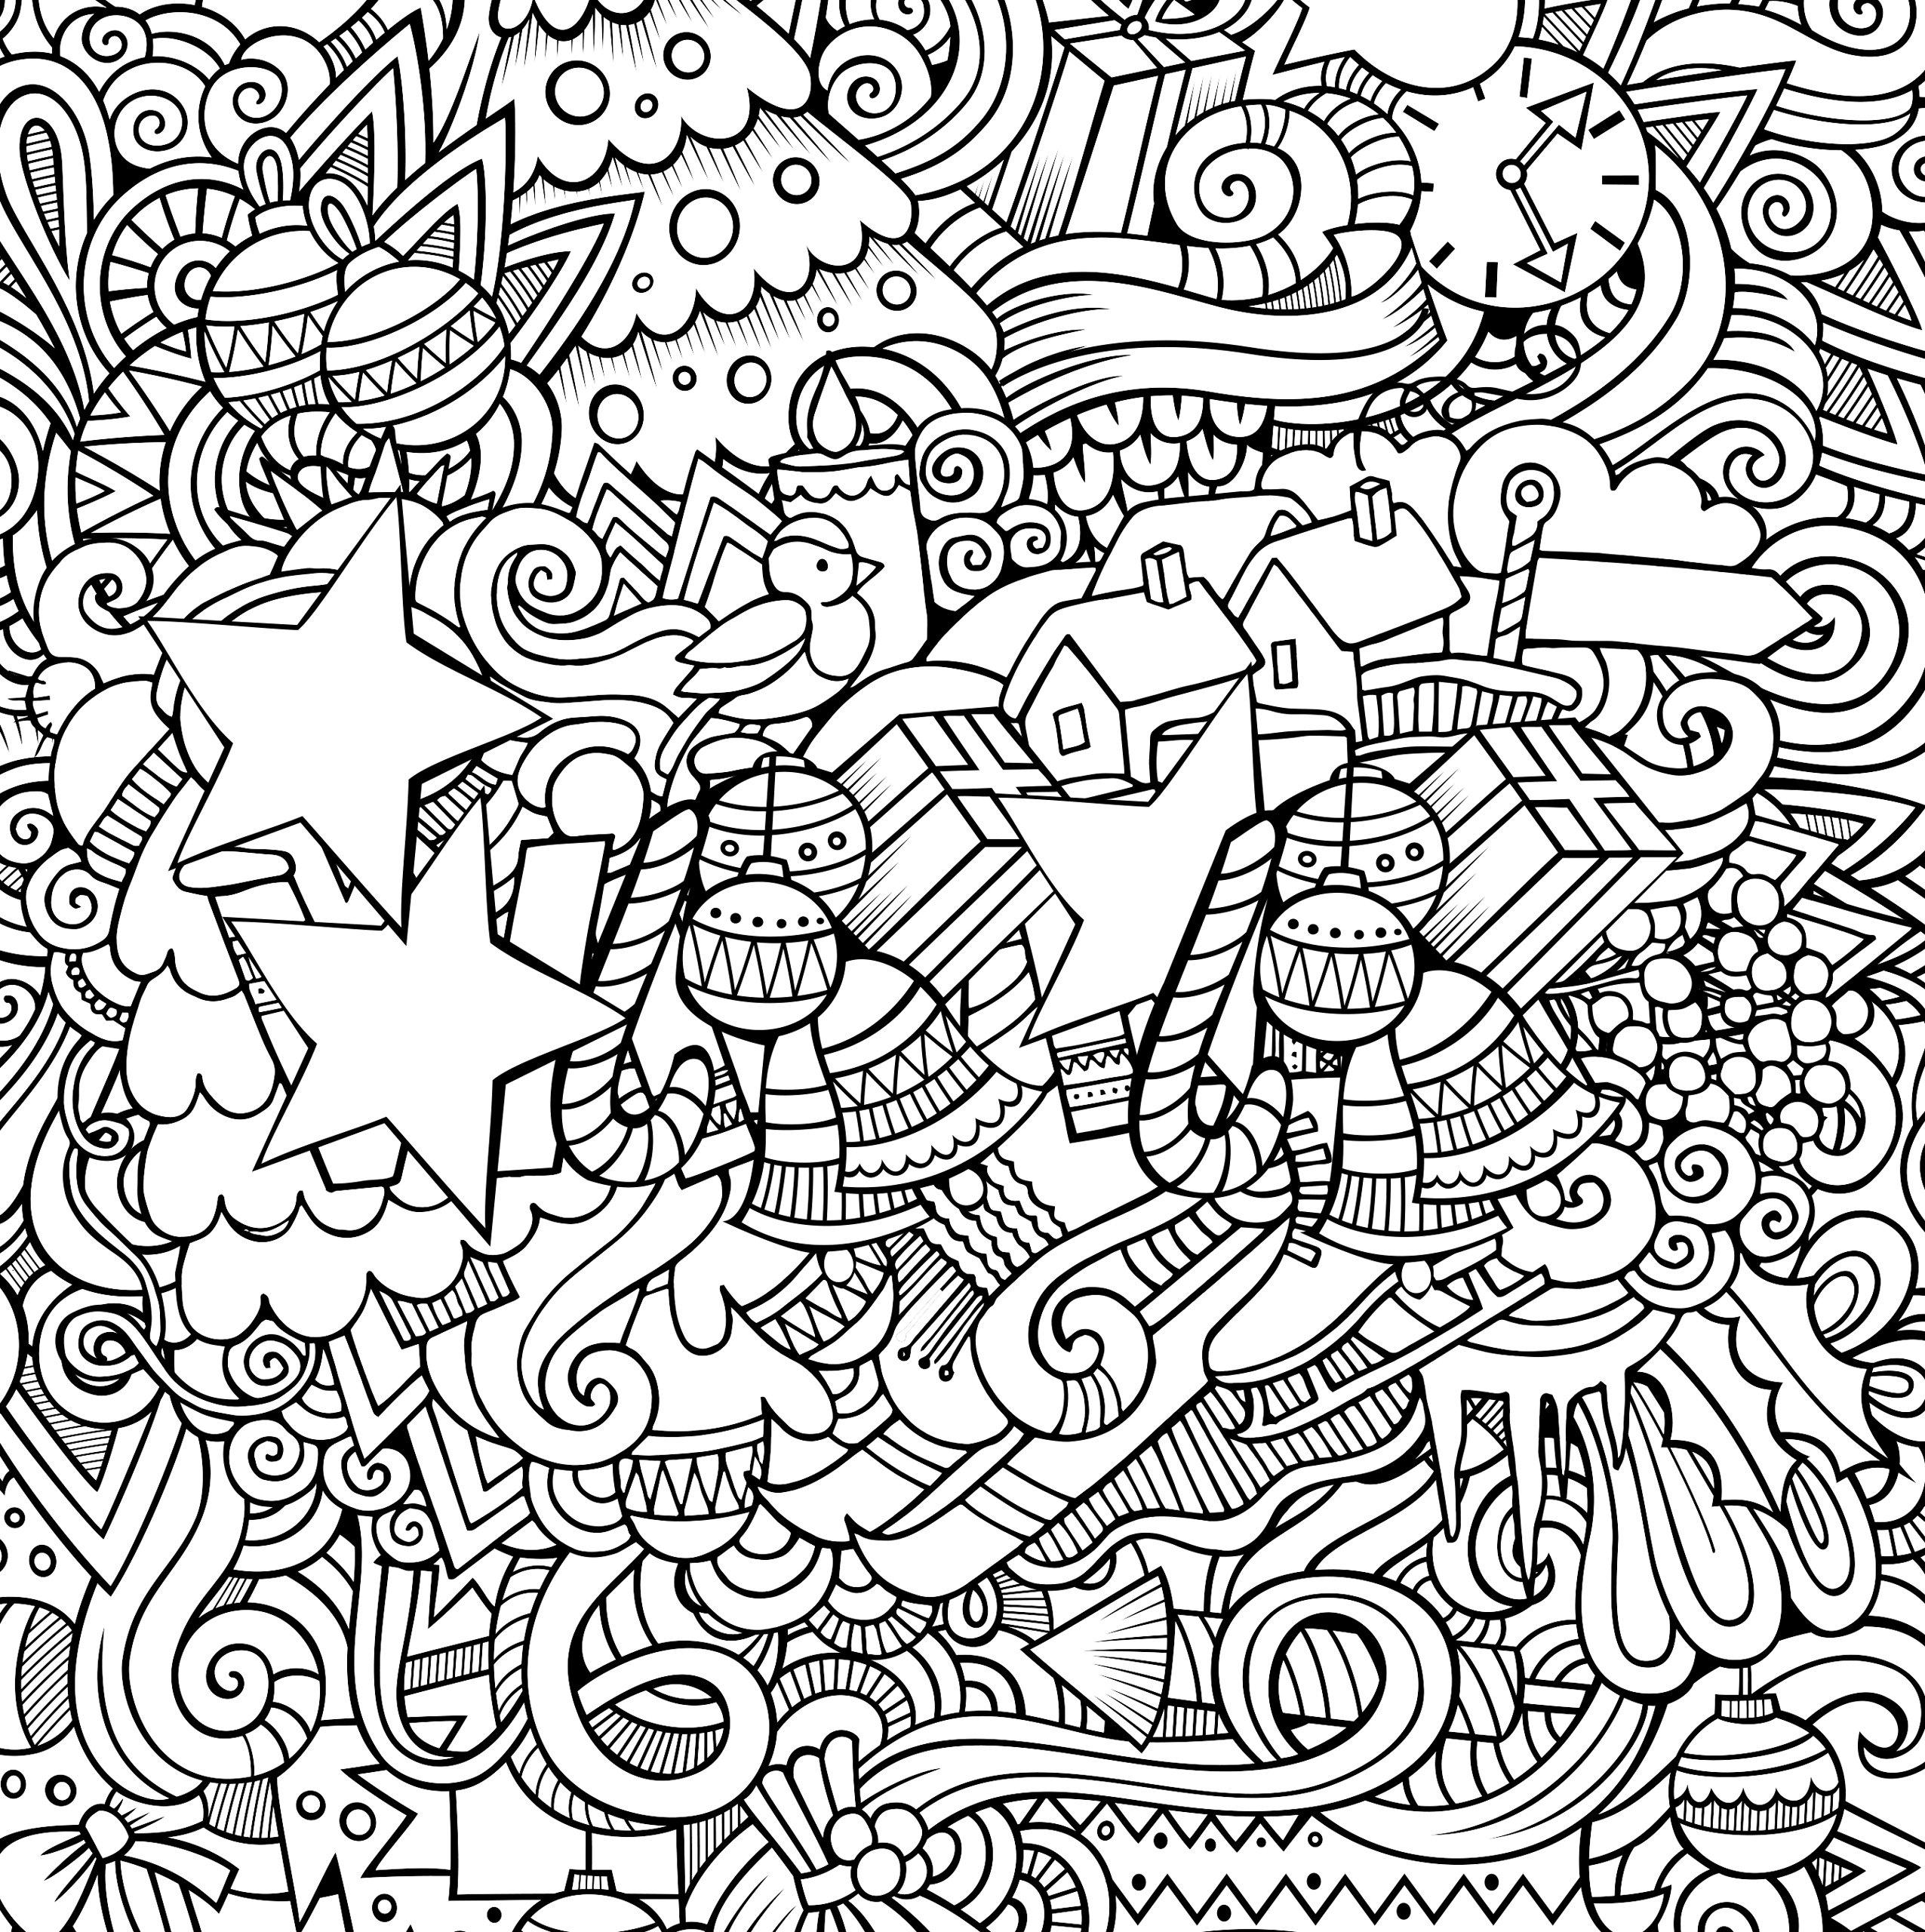 Сложная раскраска Новый год - Новый год - Раскраски антистресс